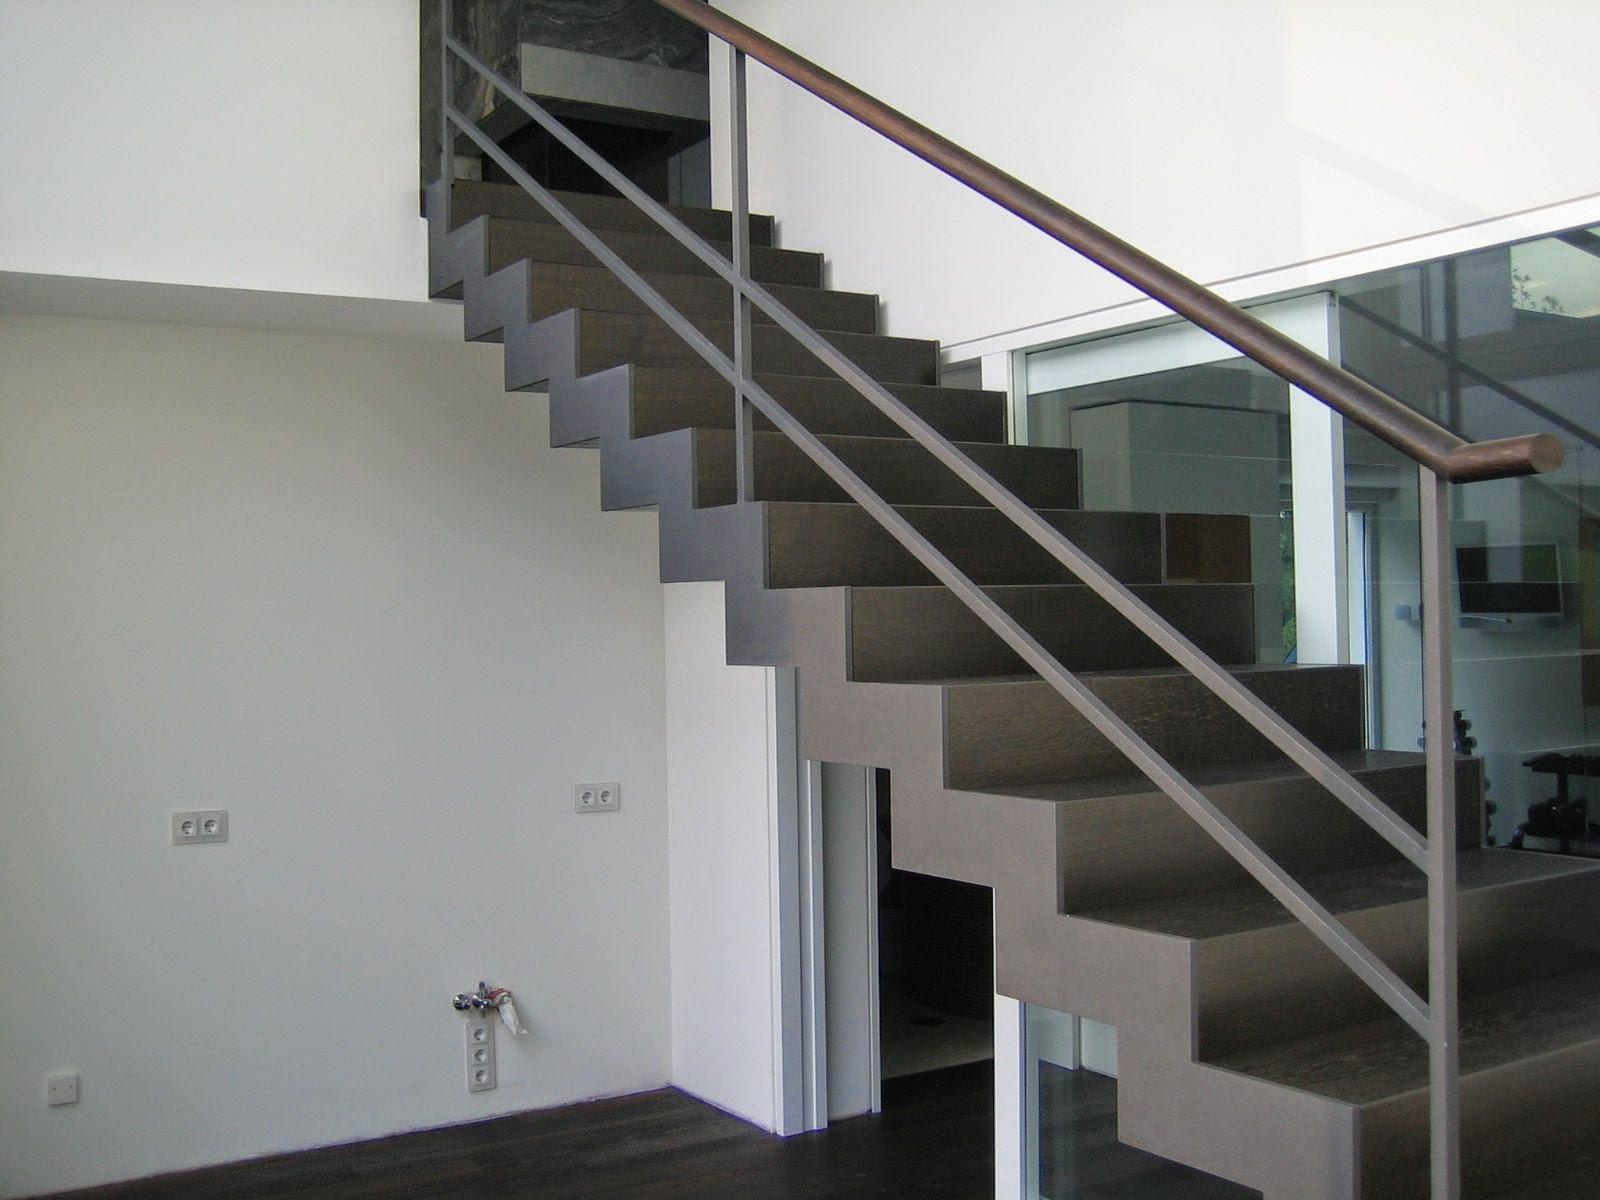 fr bel metallbau stahltreppe mit abgetreppten wangen. Black Bedroom Furniture Sets. Home Design Ideas